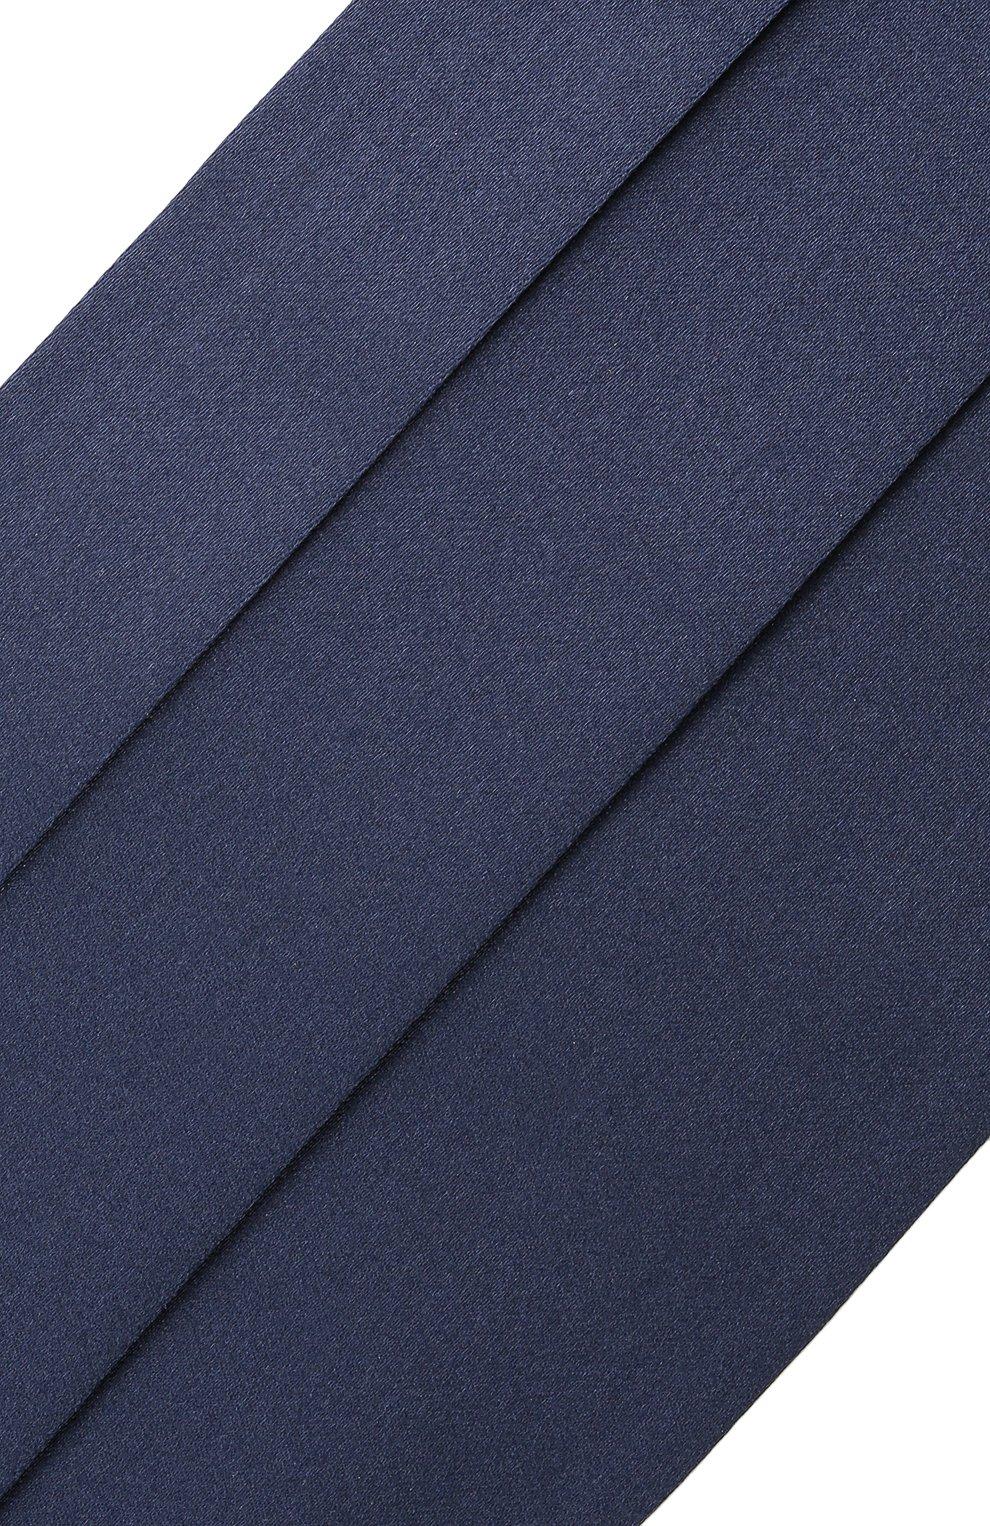 Мужской комплект из галстука-бабочки и камербанда CANALI темно-синего цвета, арт. 45/HJ01047 | Фото 7